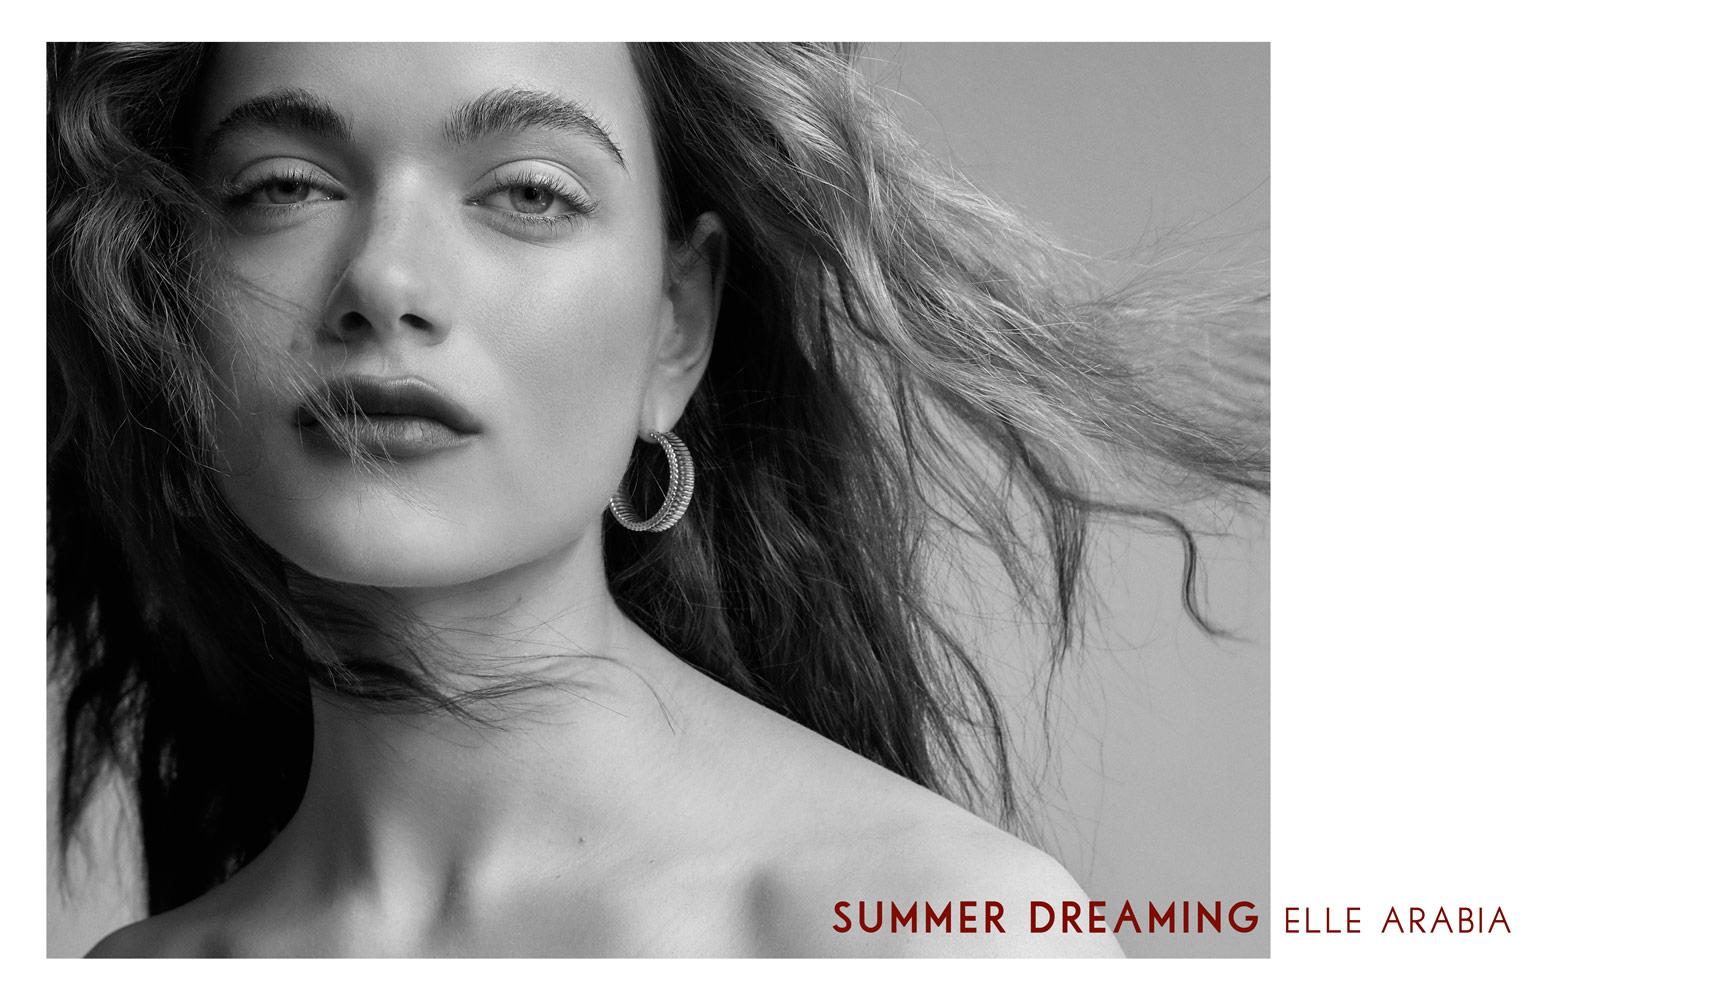 ELLE ARABIA, June 2021 – Summer Dreaming